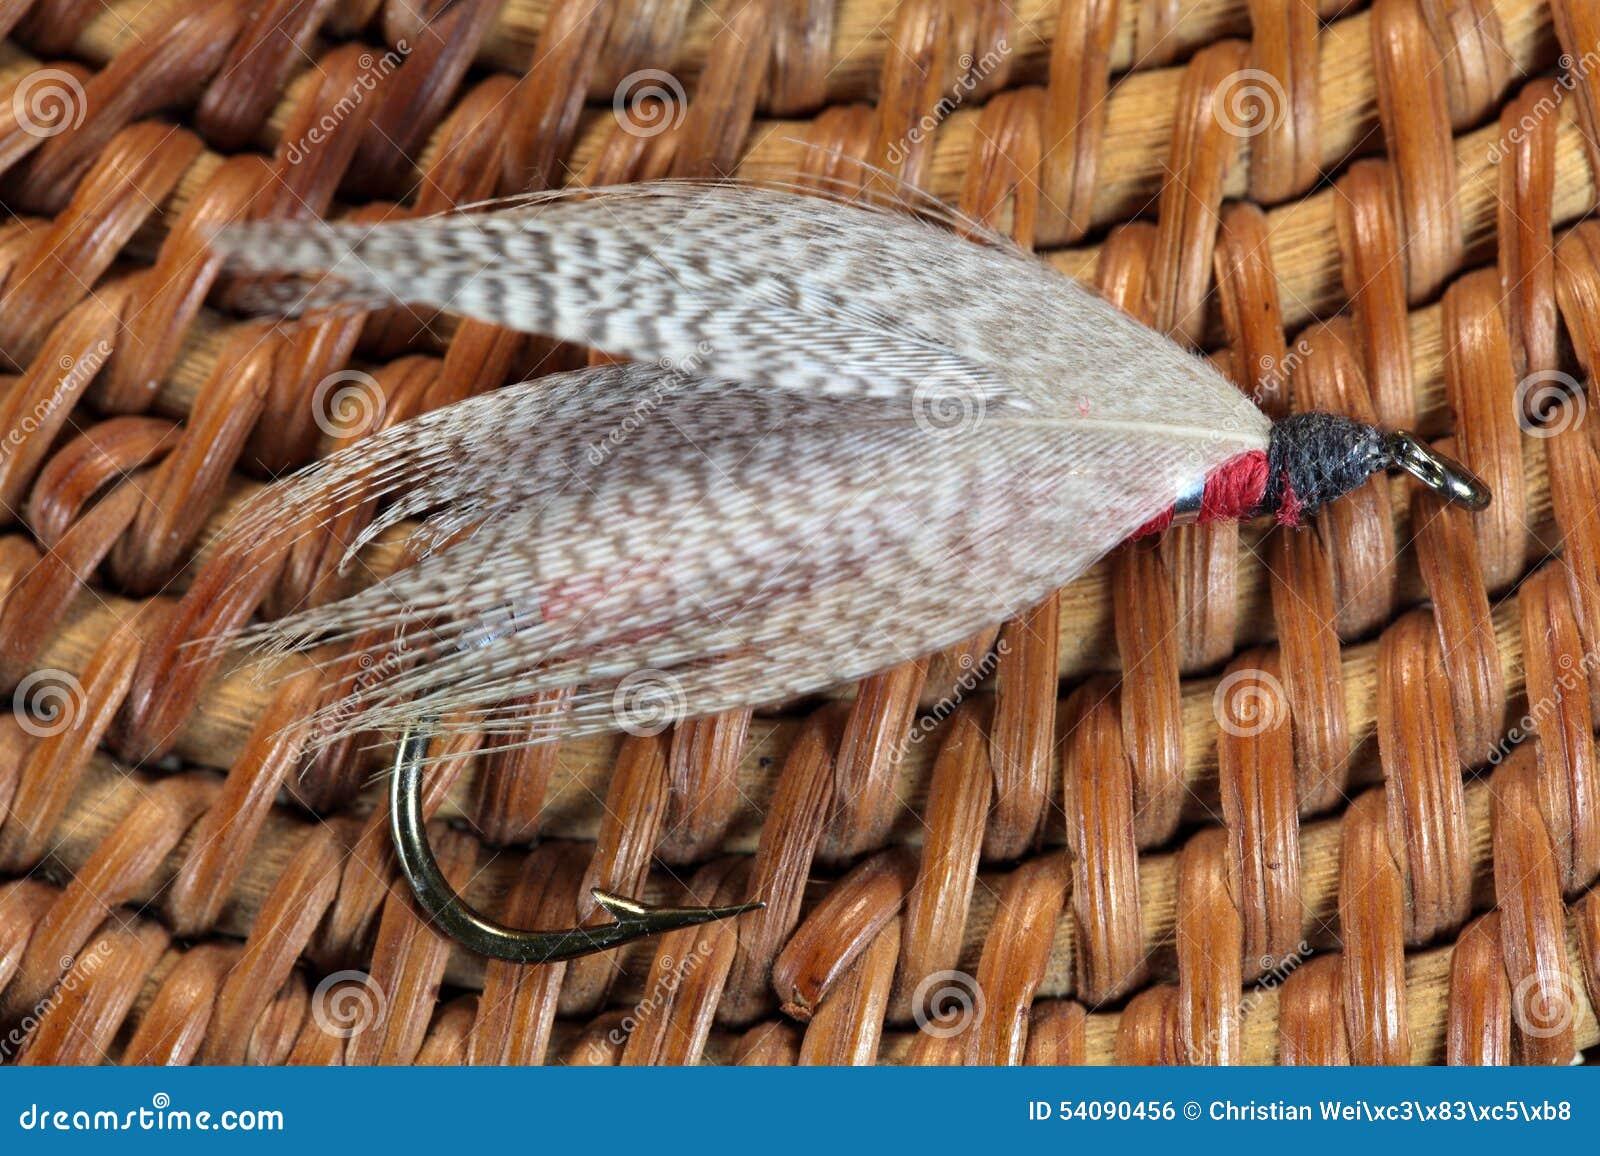 Kunstmatige vlieg voor vlieg visserij